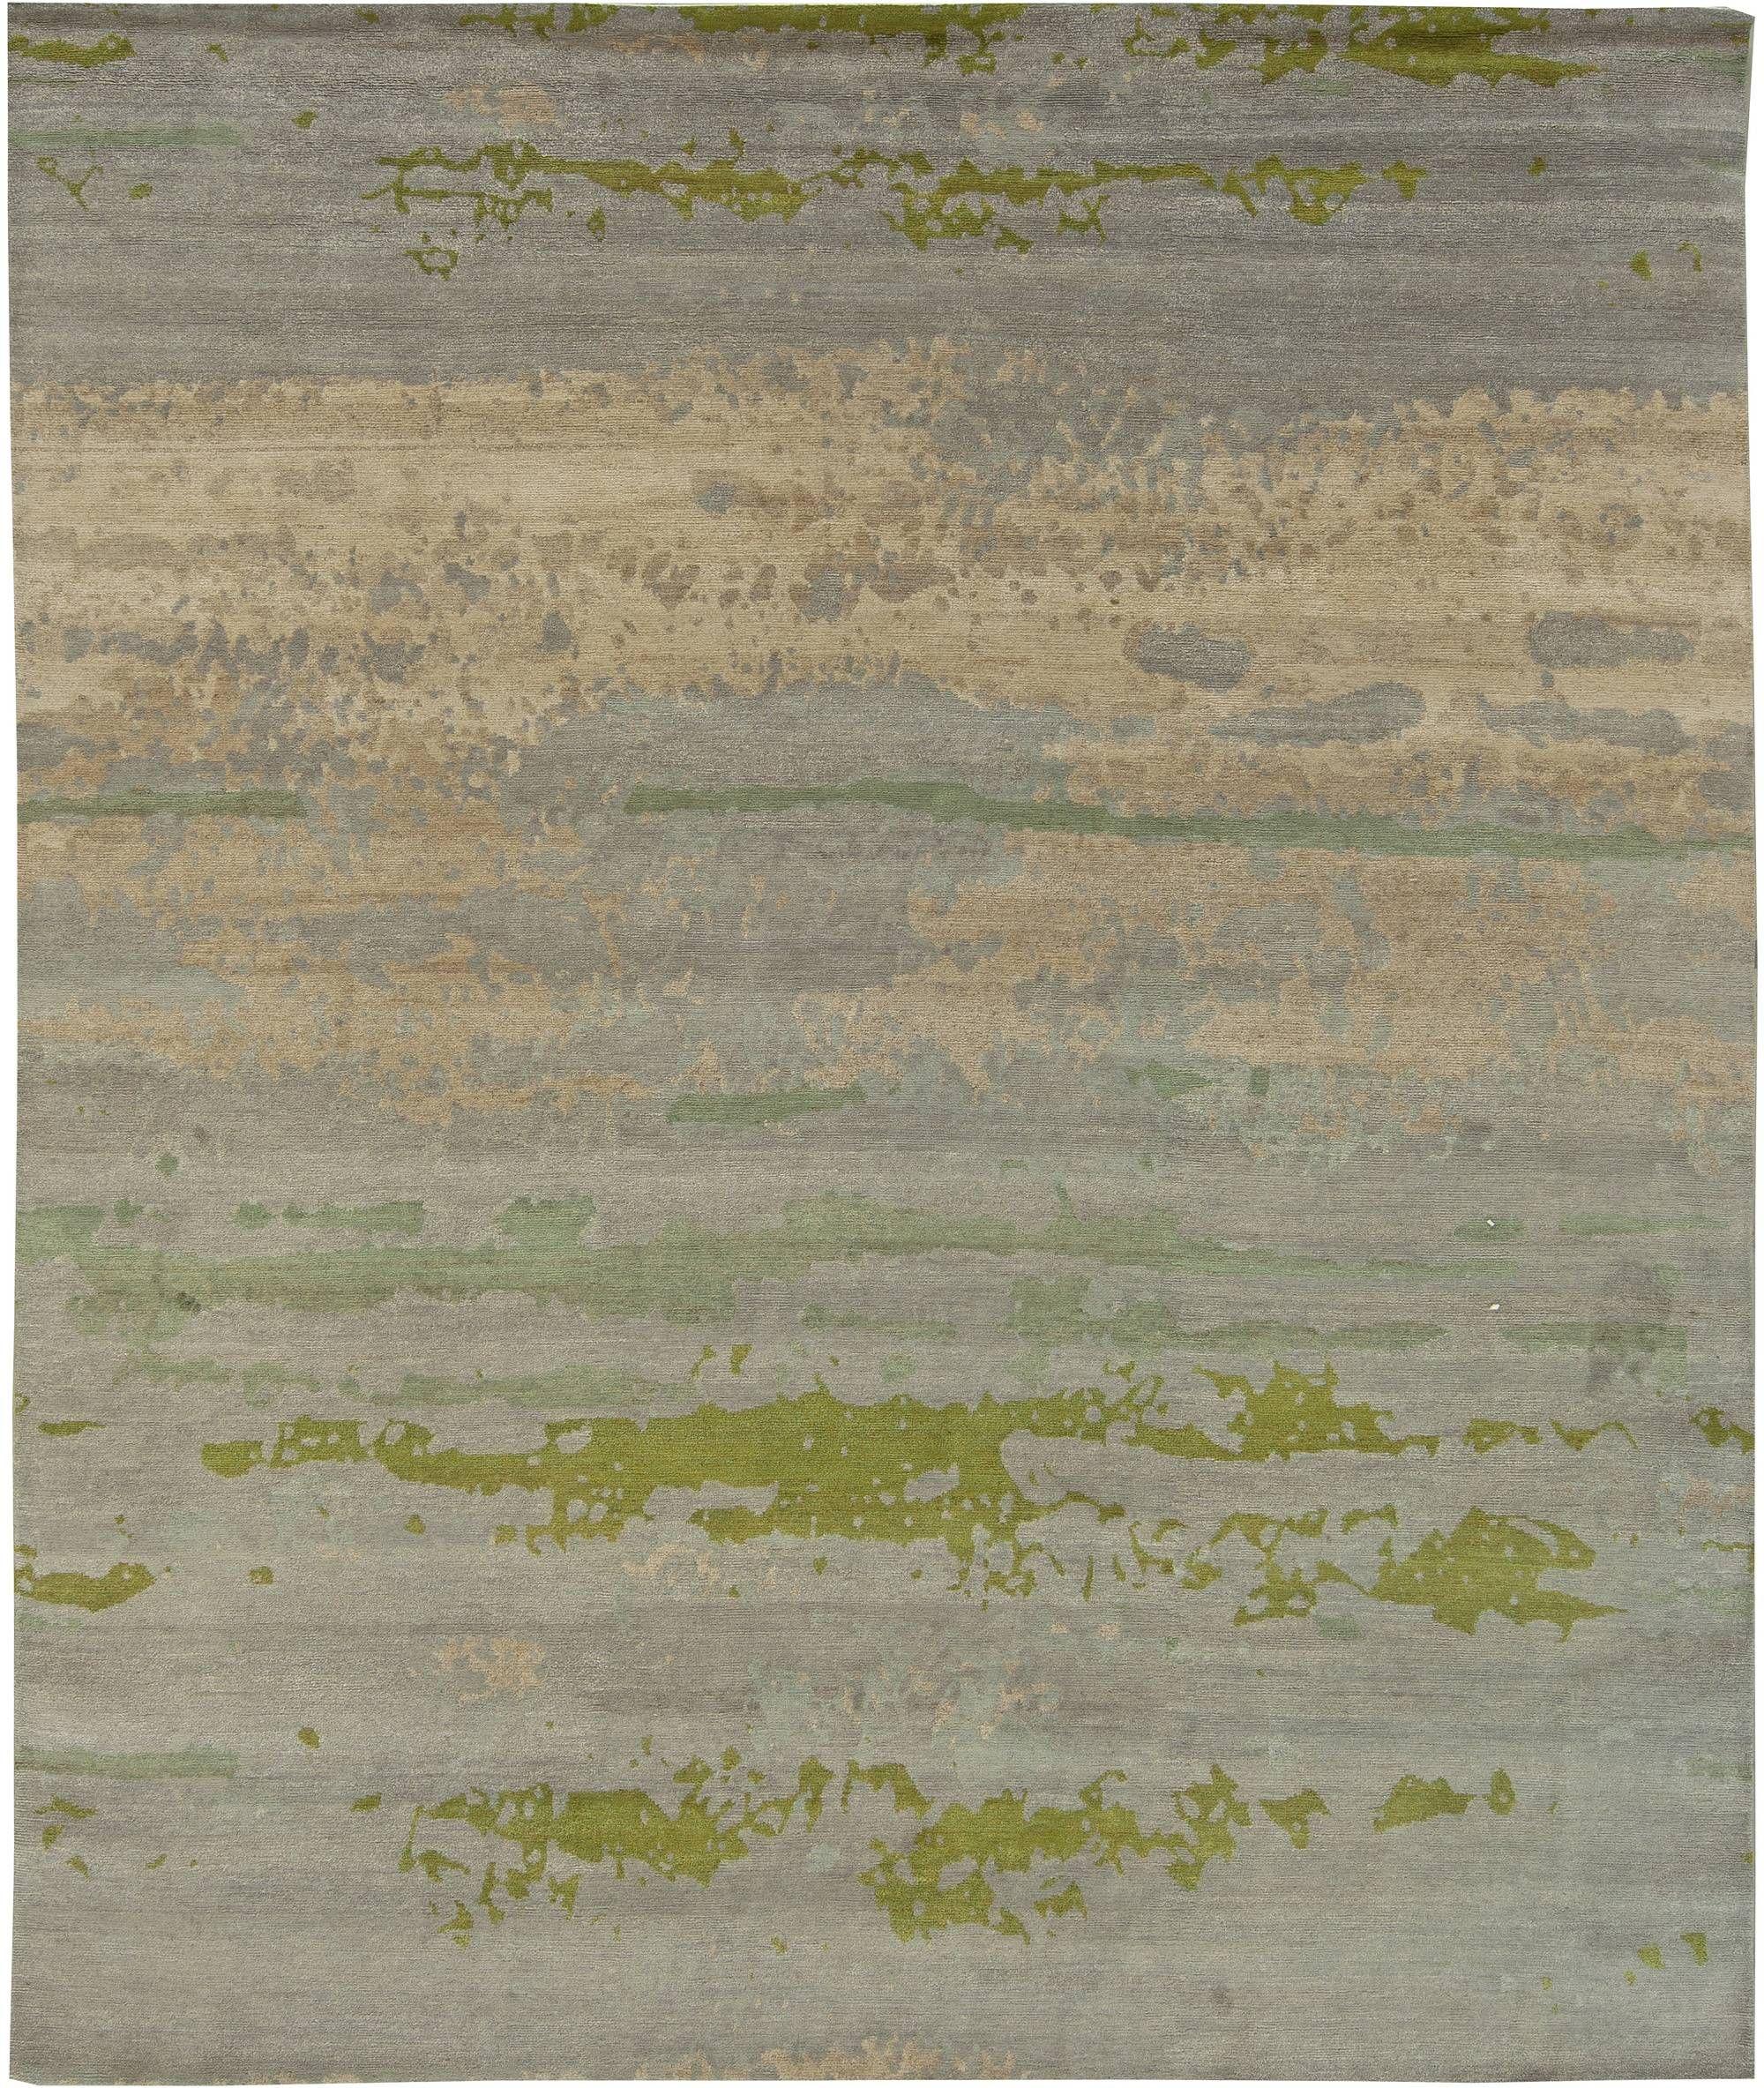 Contemporary Tibetan Rug N11233 By Doris Leslie Blau